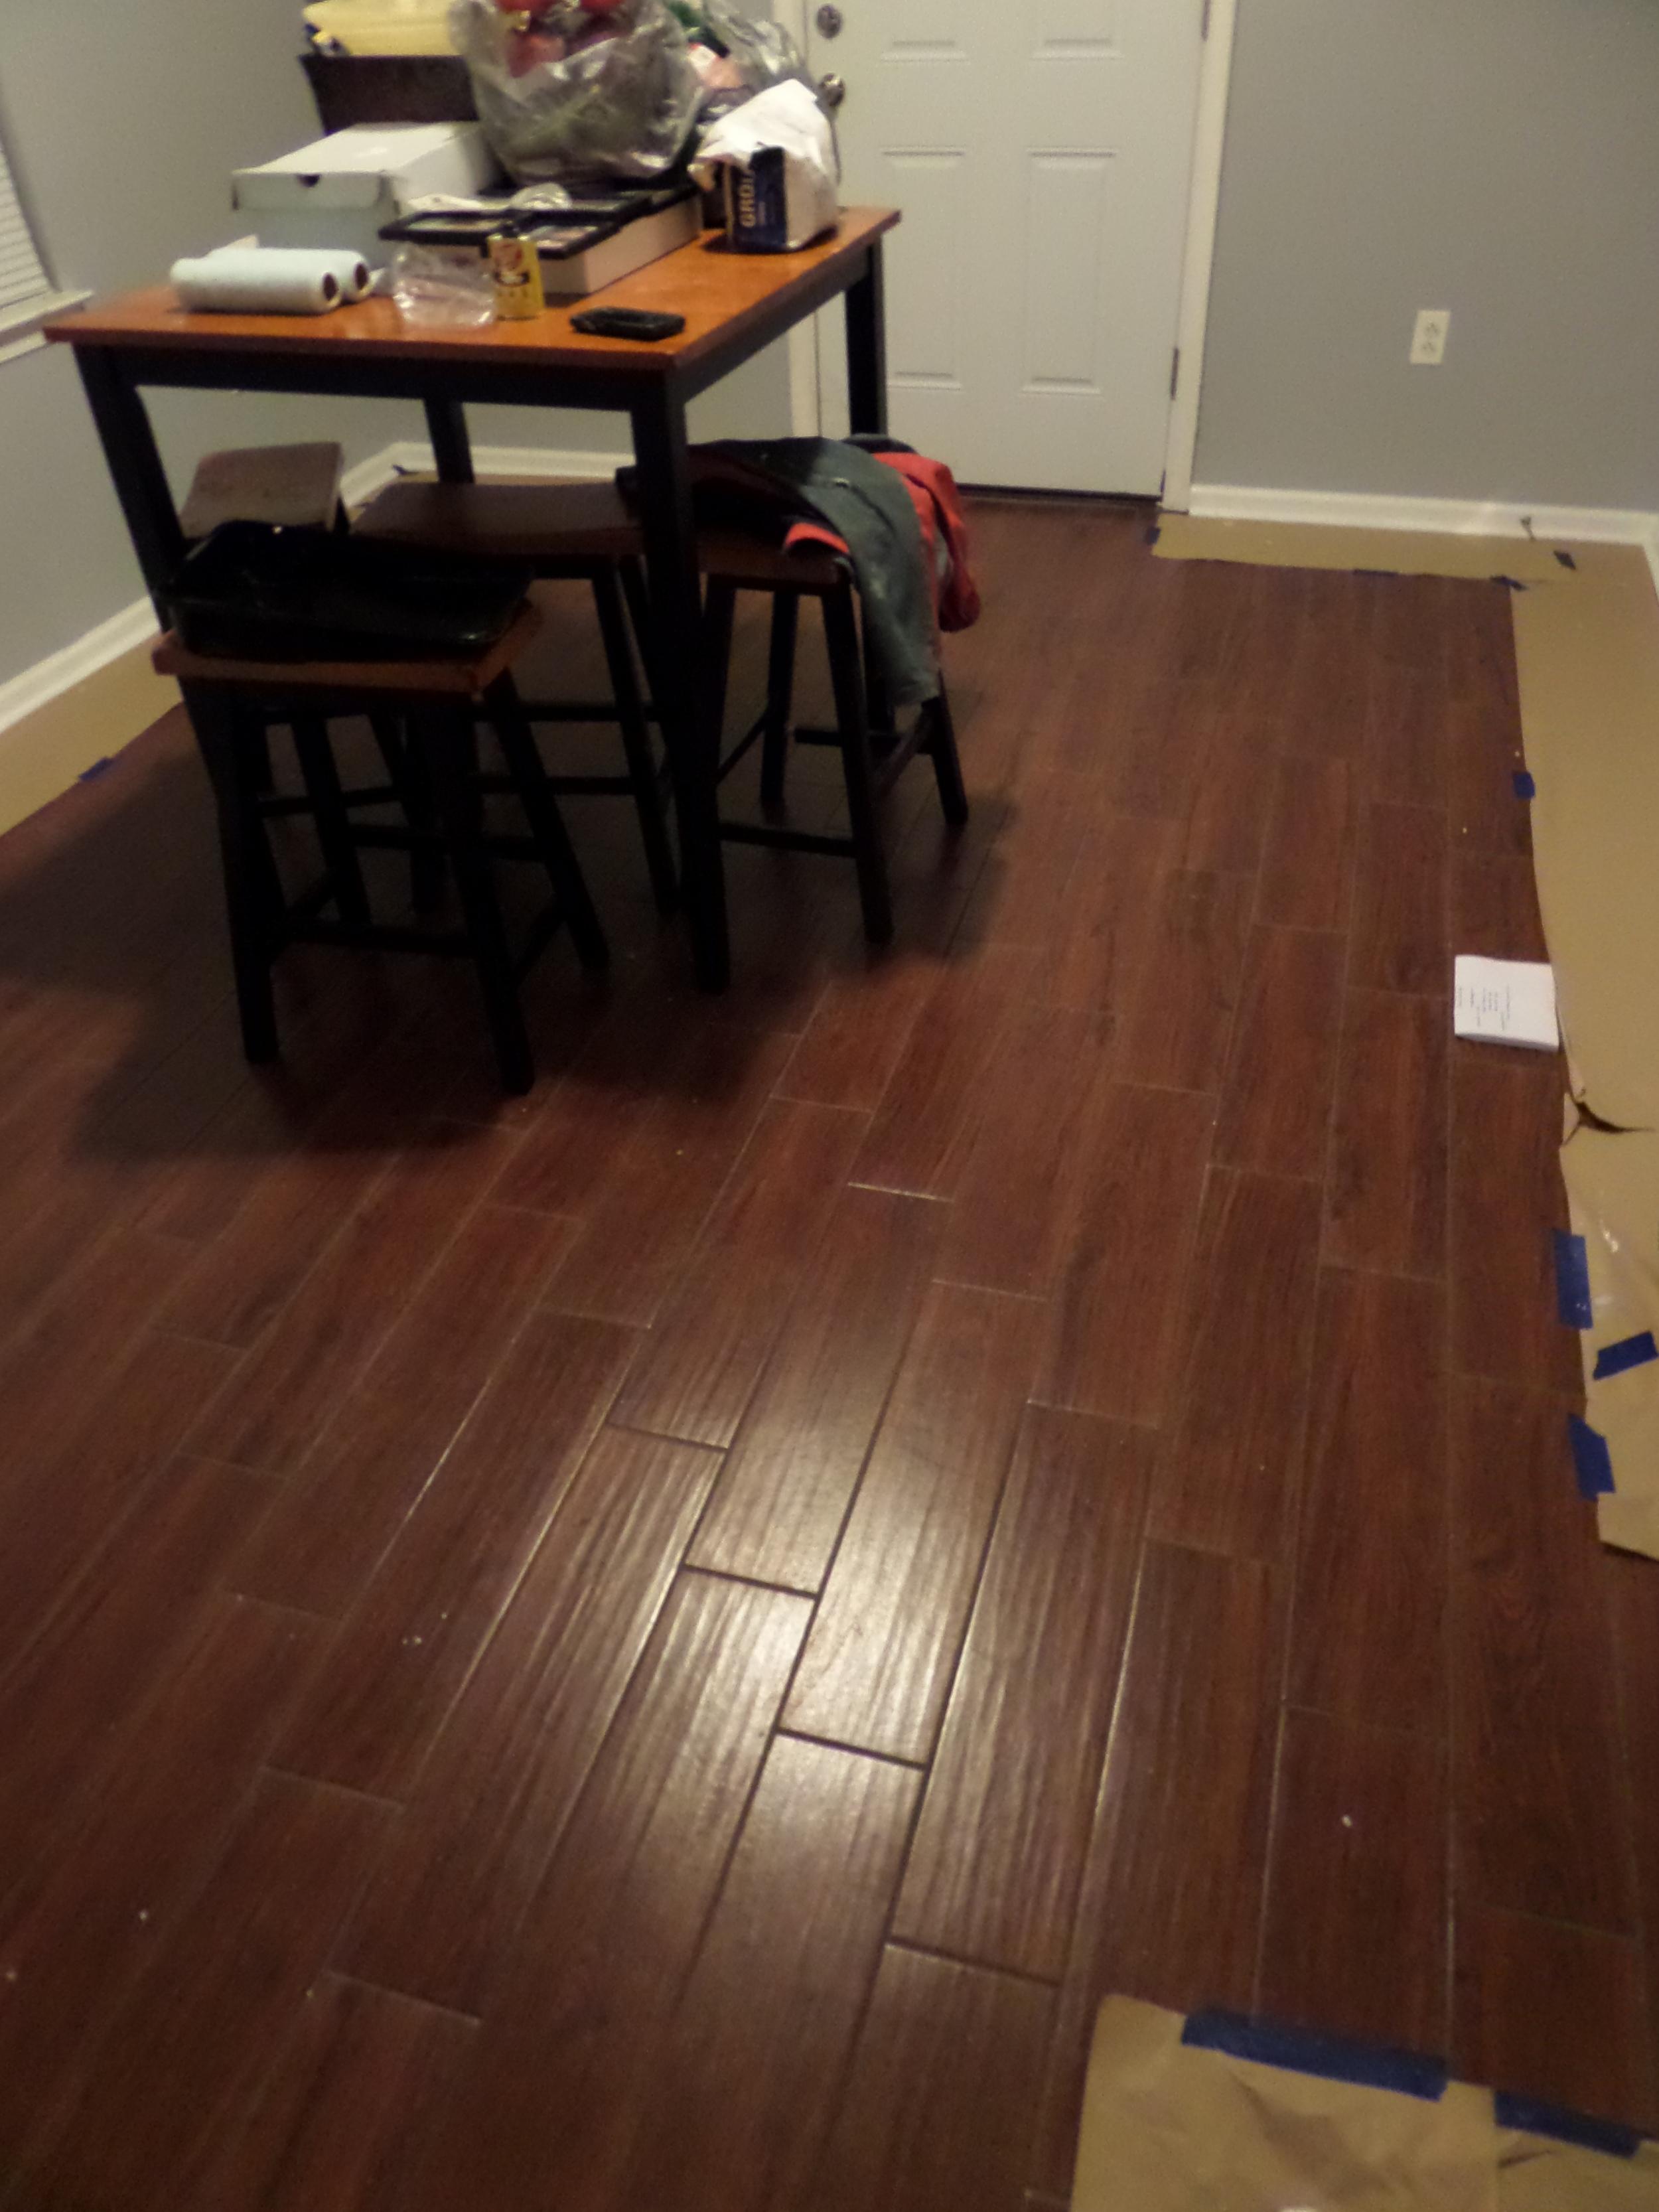 pallisade new tile floors.JPG